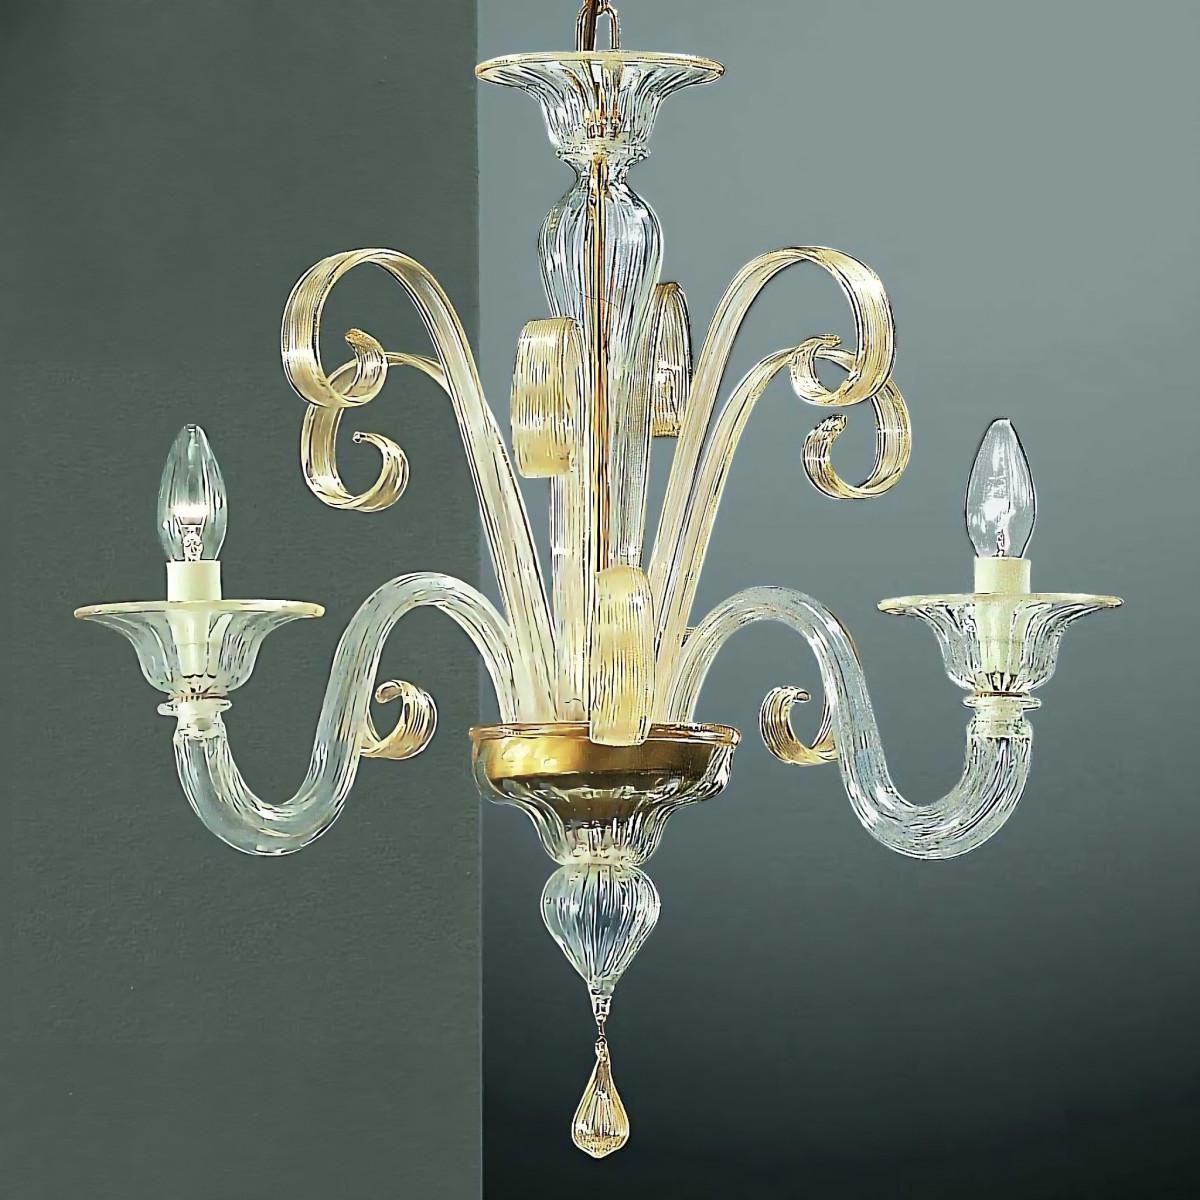 Goldoni 3 luces lampara de Murano - color transparente oro